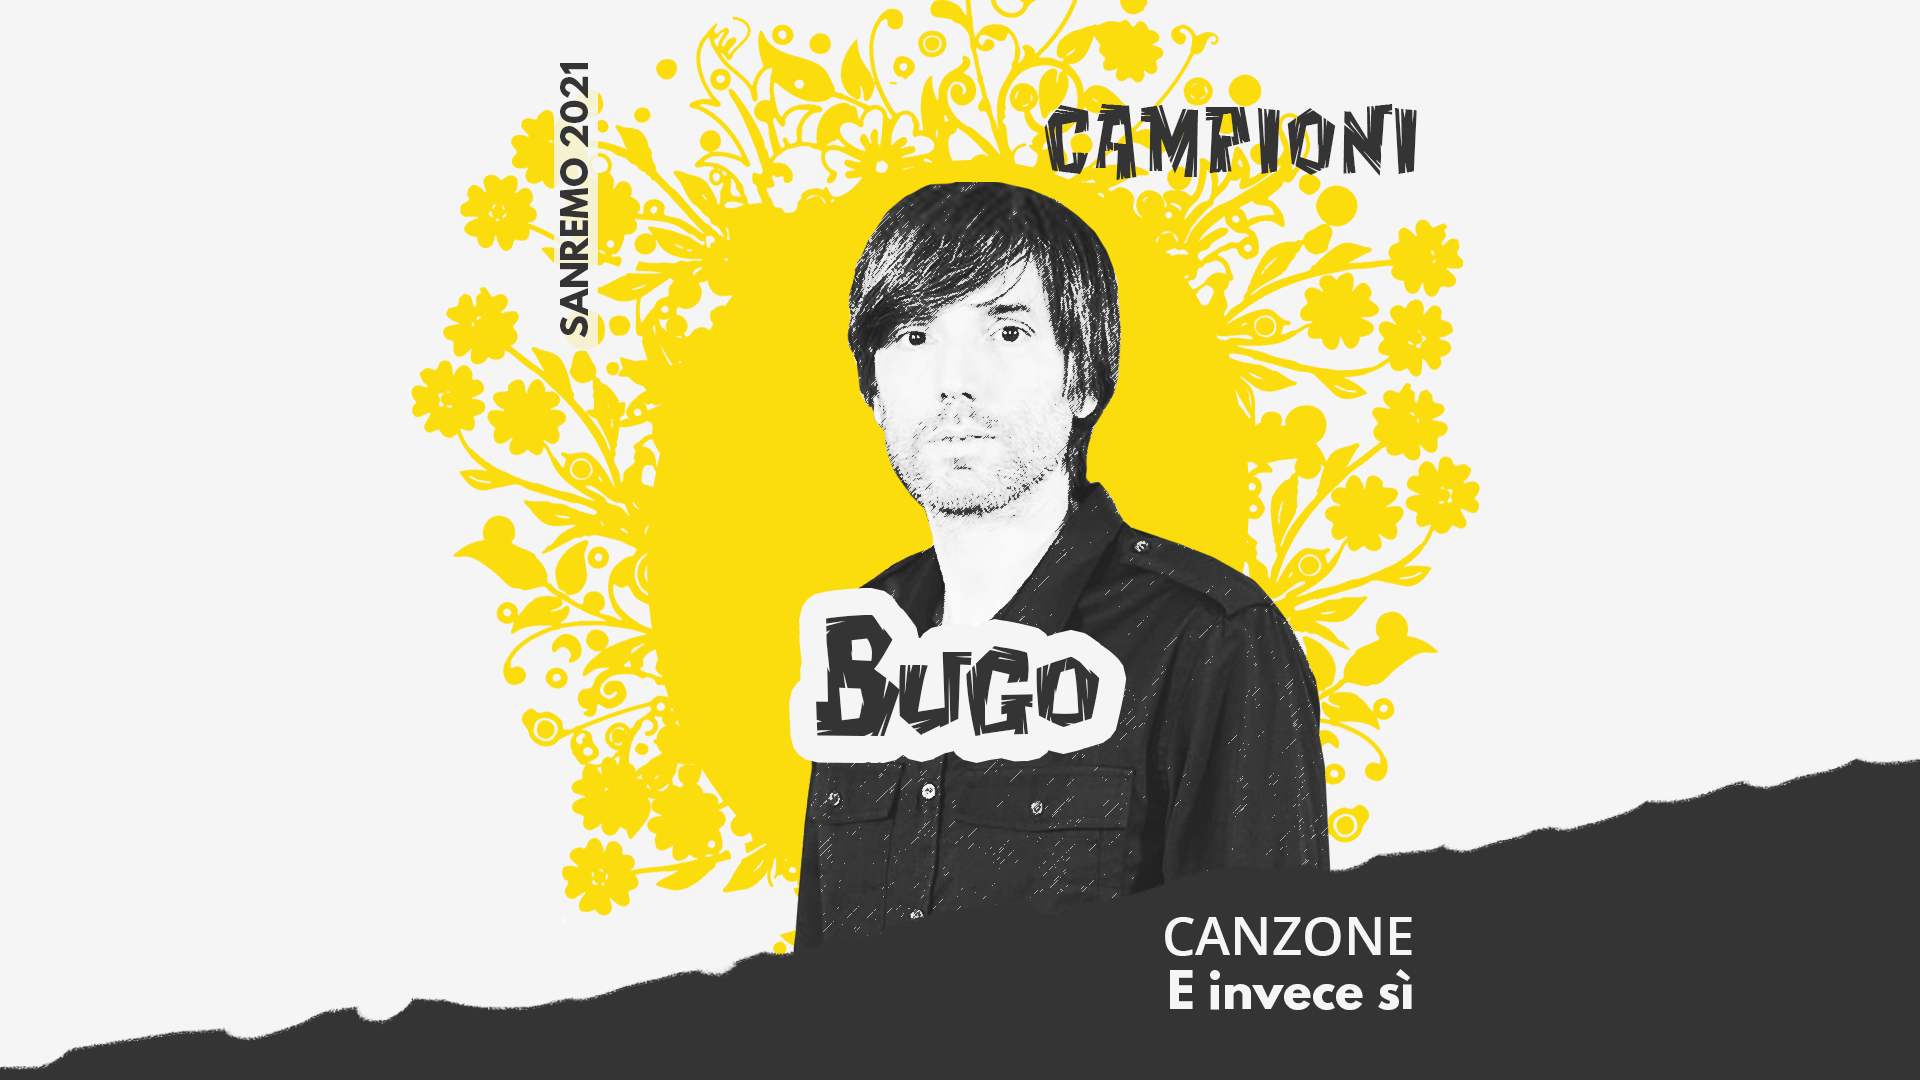 Sanremo 2021, Bugo – E invece sì